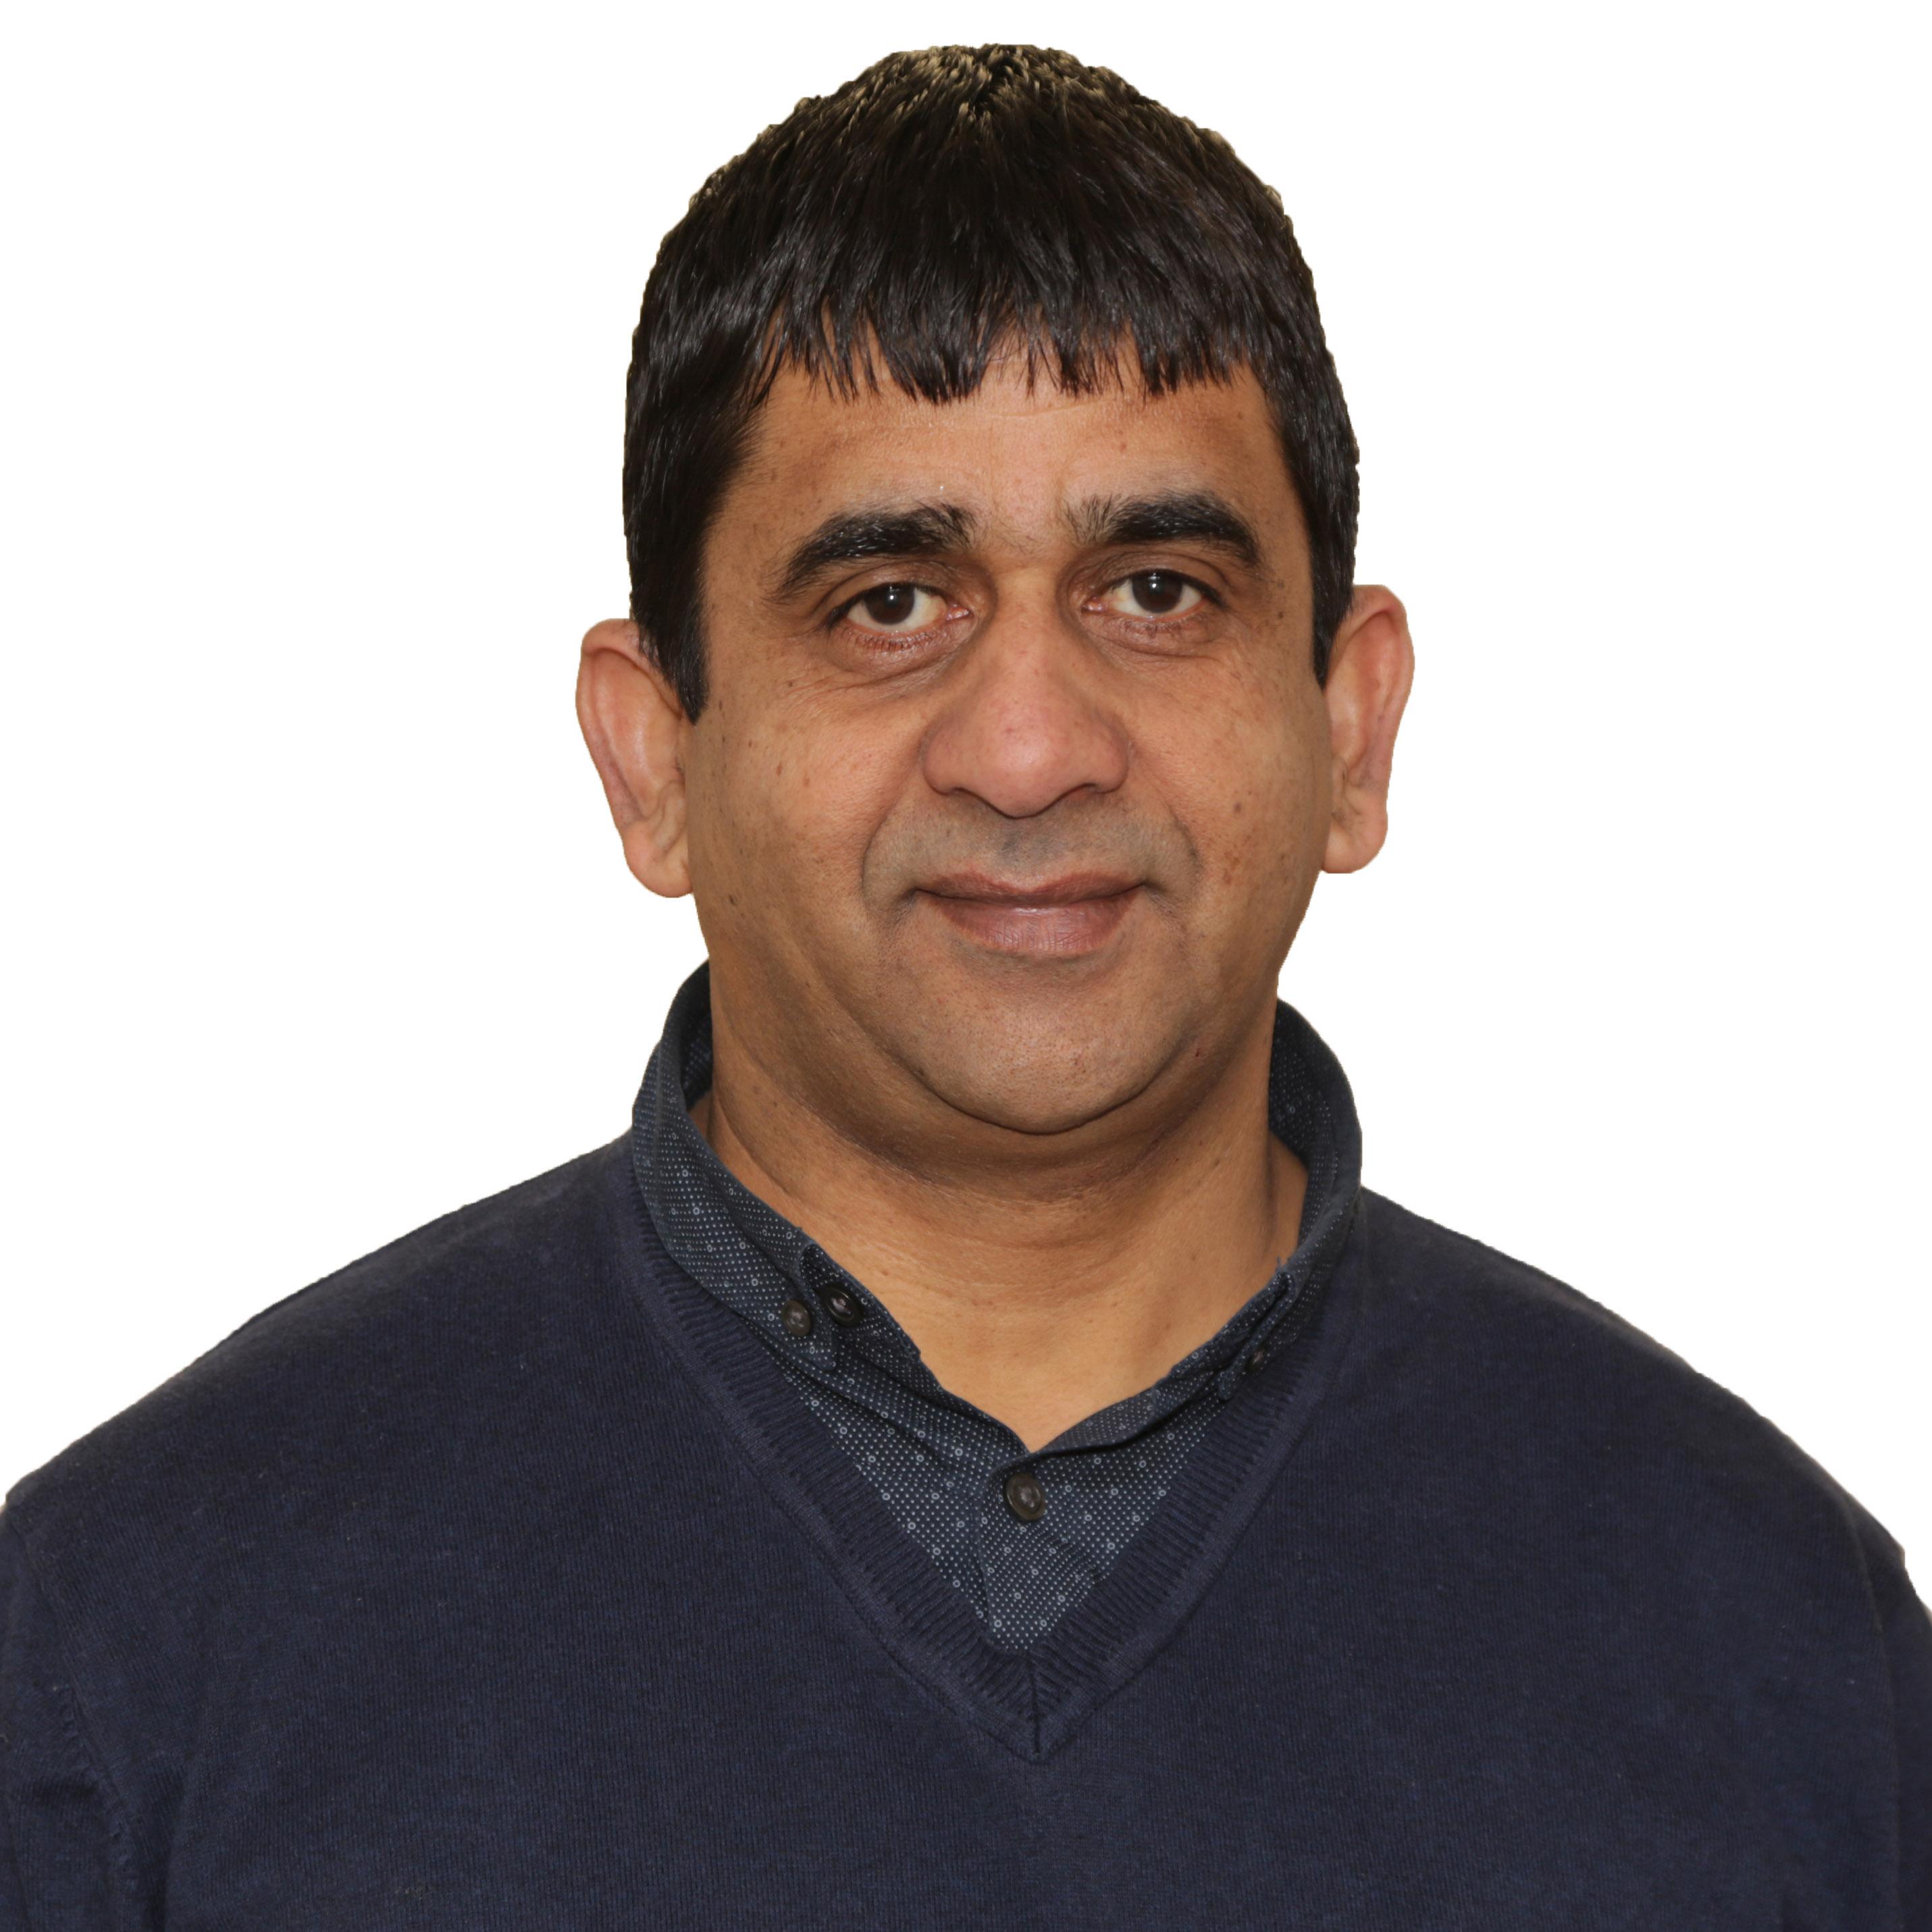 Abid Hussain